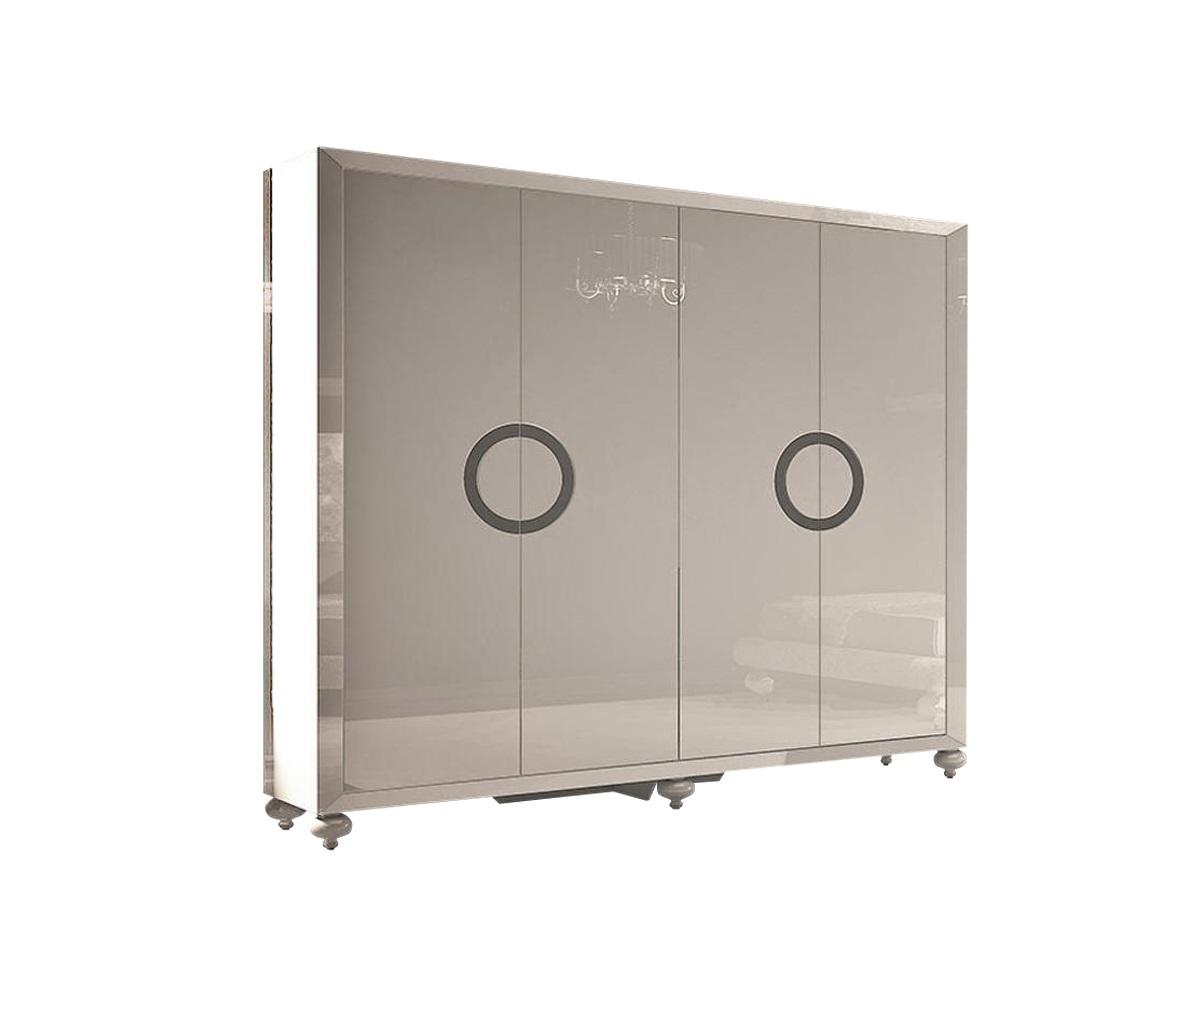 Гардероб  PalermoПлатяные шкафы<br>Гардероб с 4 дверками выполнен в стиле Ар деко. Отделка - белый блестящий лак. Наполнение - в правой части сверху полка и штанга, в левой - сверху полка и штанга, снизу - два ящика.<br><br>Material: МДФ<br>Высота см: 220<br>Глубина см: 60